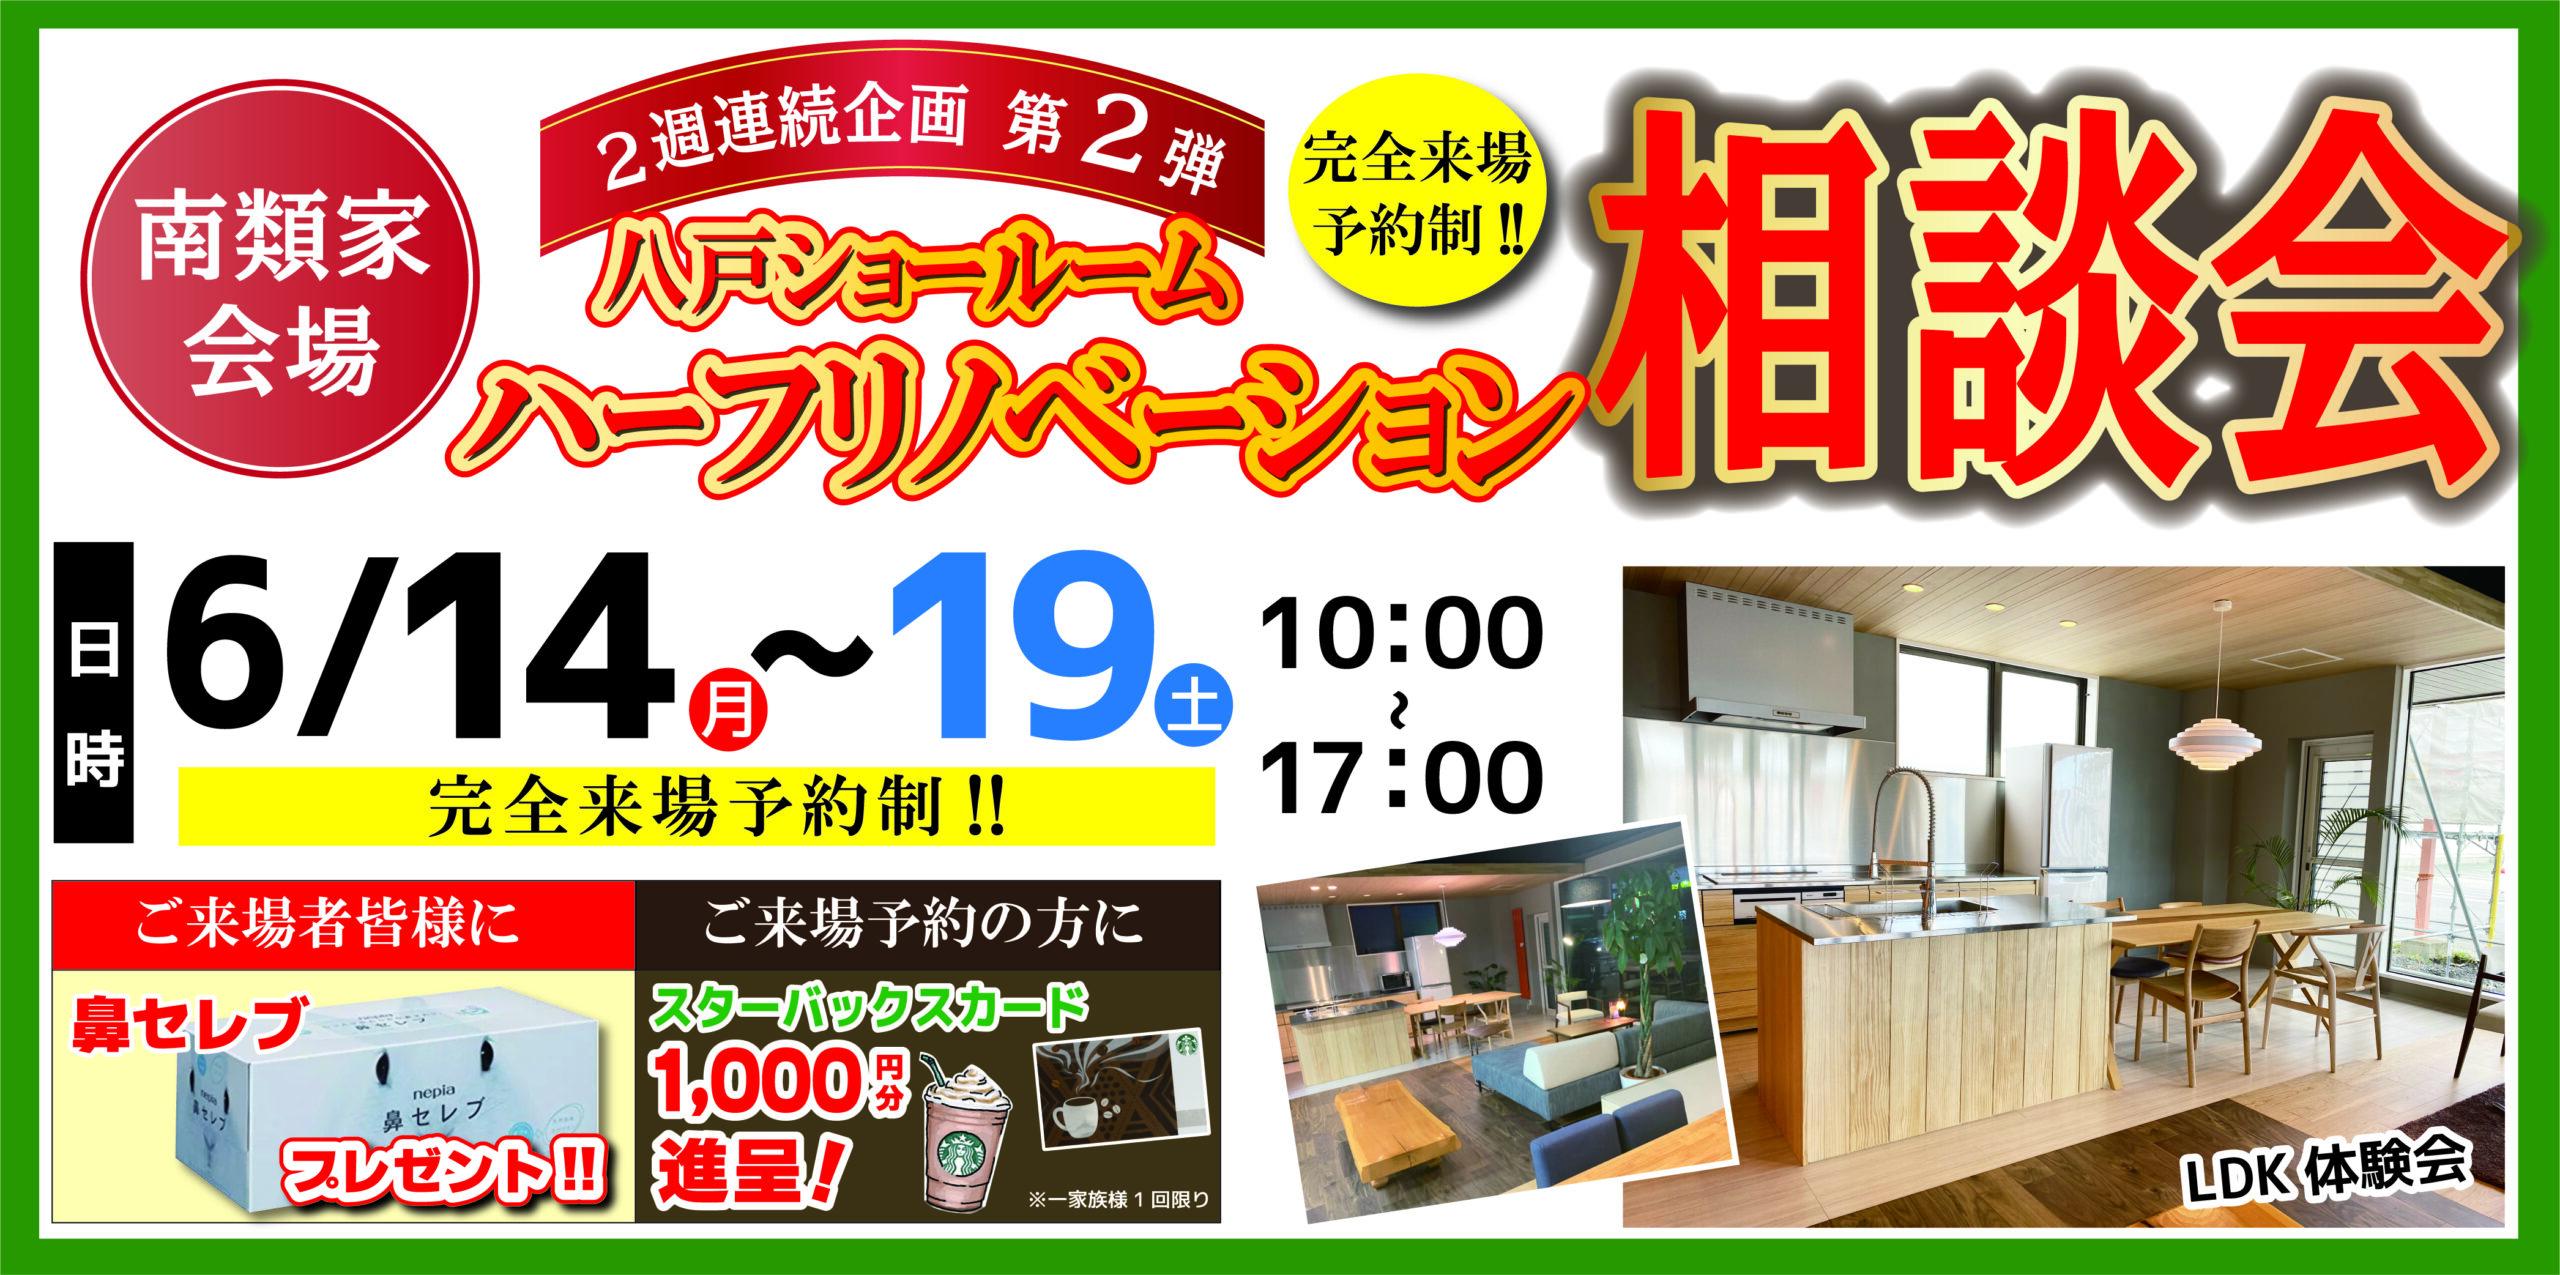 [完全予約制]1階だけ!ハーフリノベーション相談会@わが家のリノベ本店 6/14~6/19開催決定